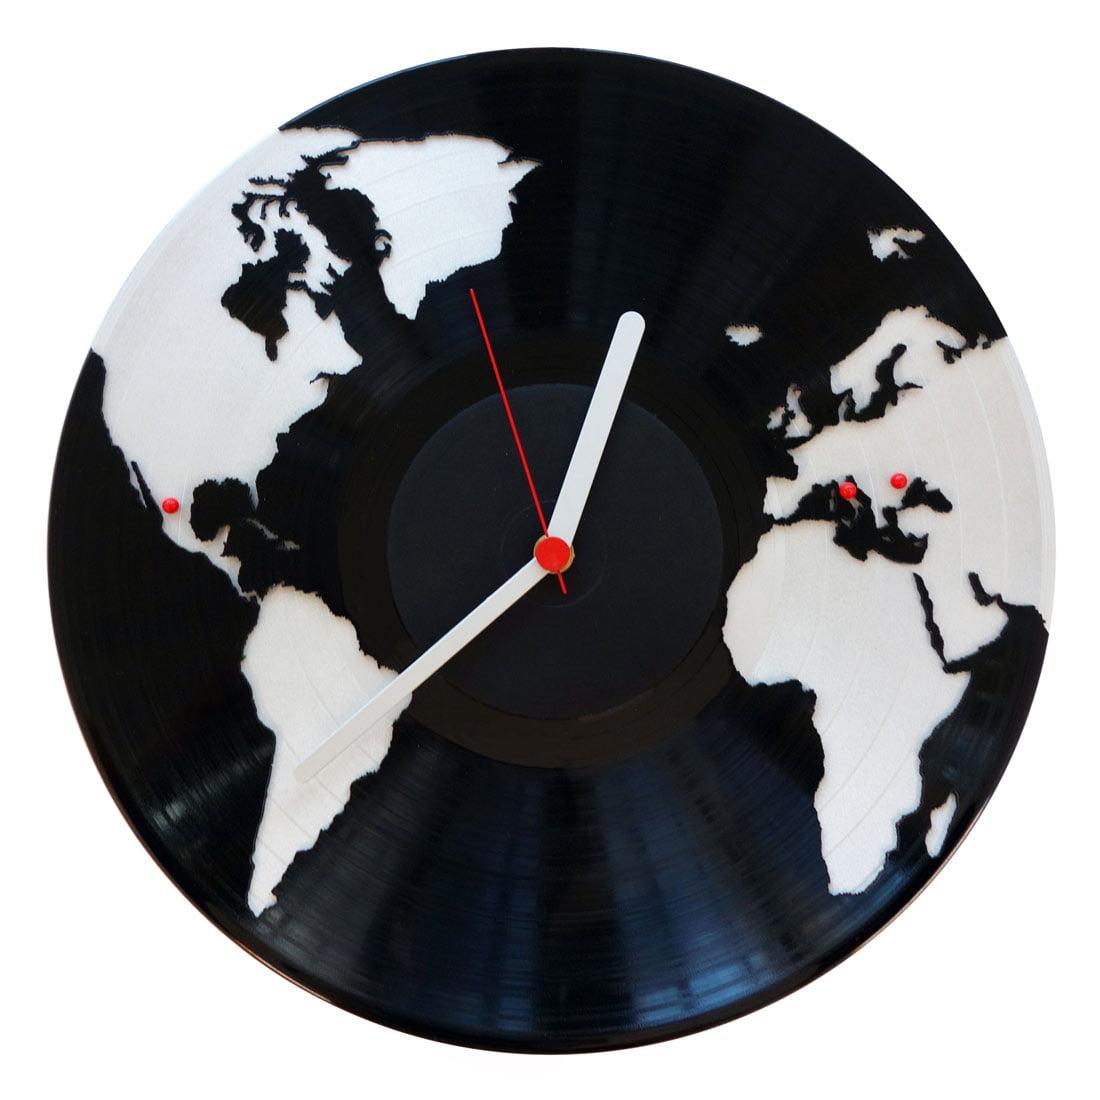 ceas-perete-vinil-harta-lumii-tale